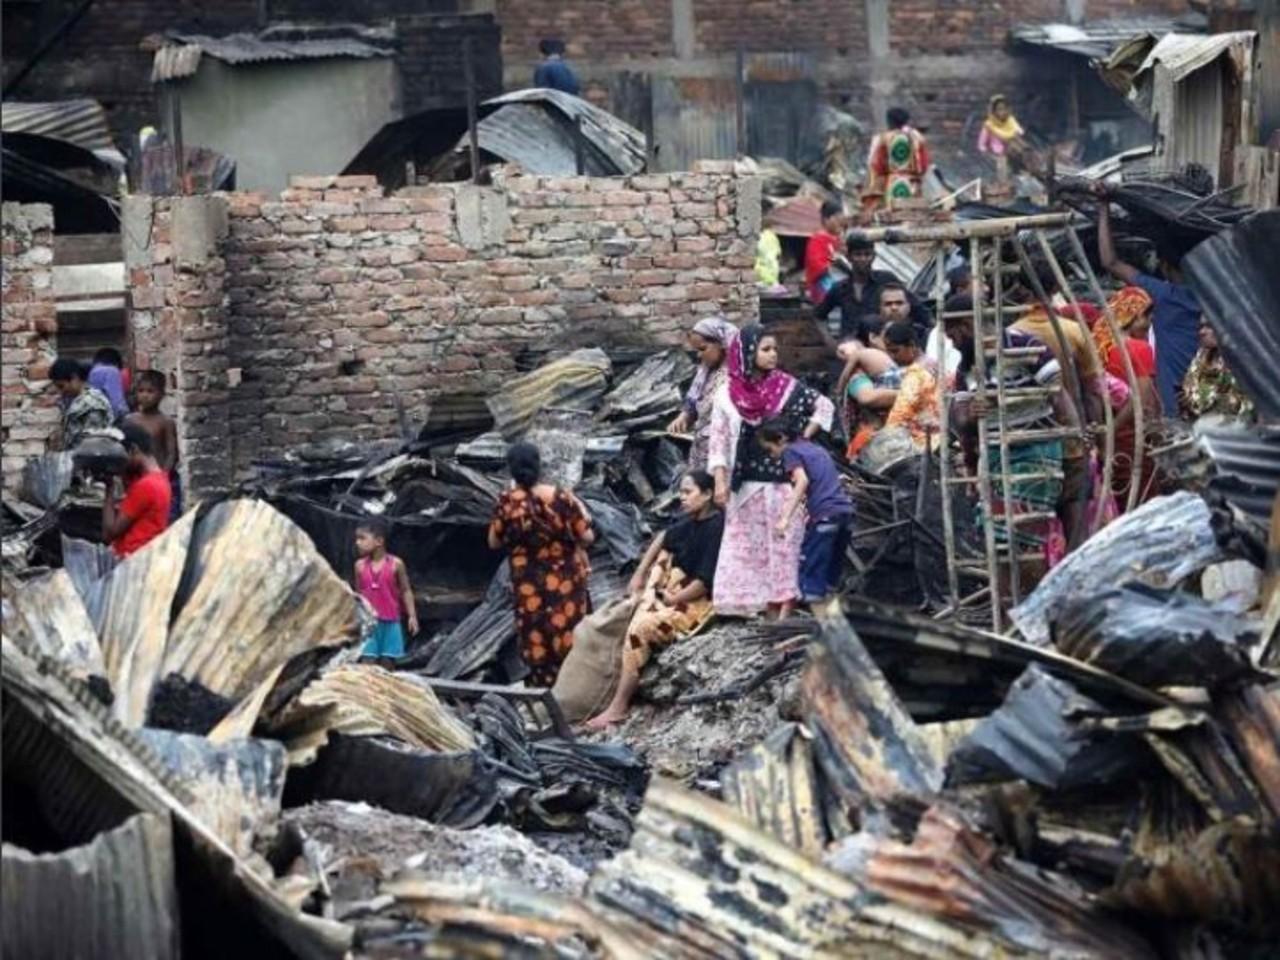 Incendio en Bangladesh deja sin hogar a 50,000 personas